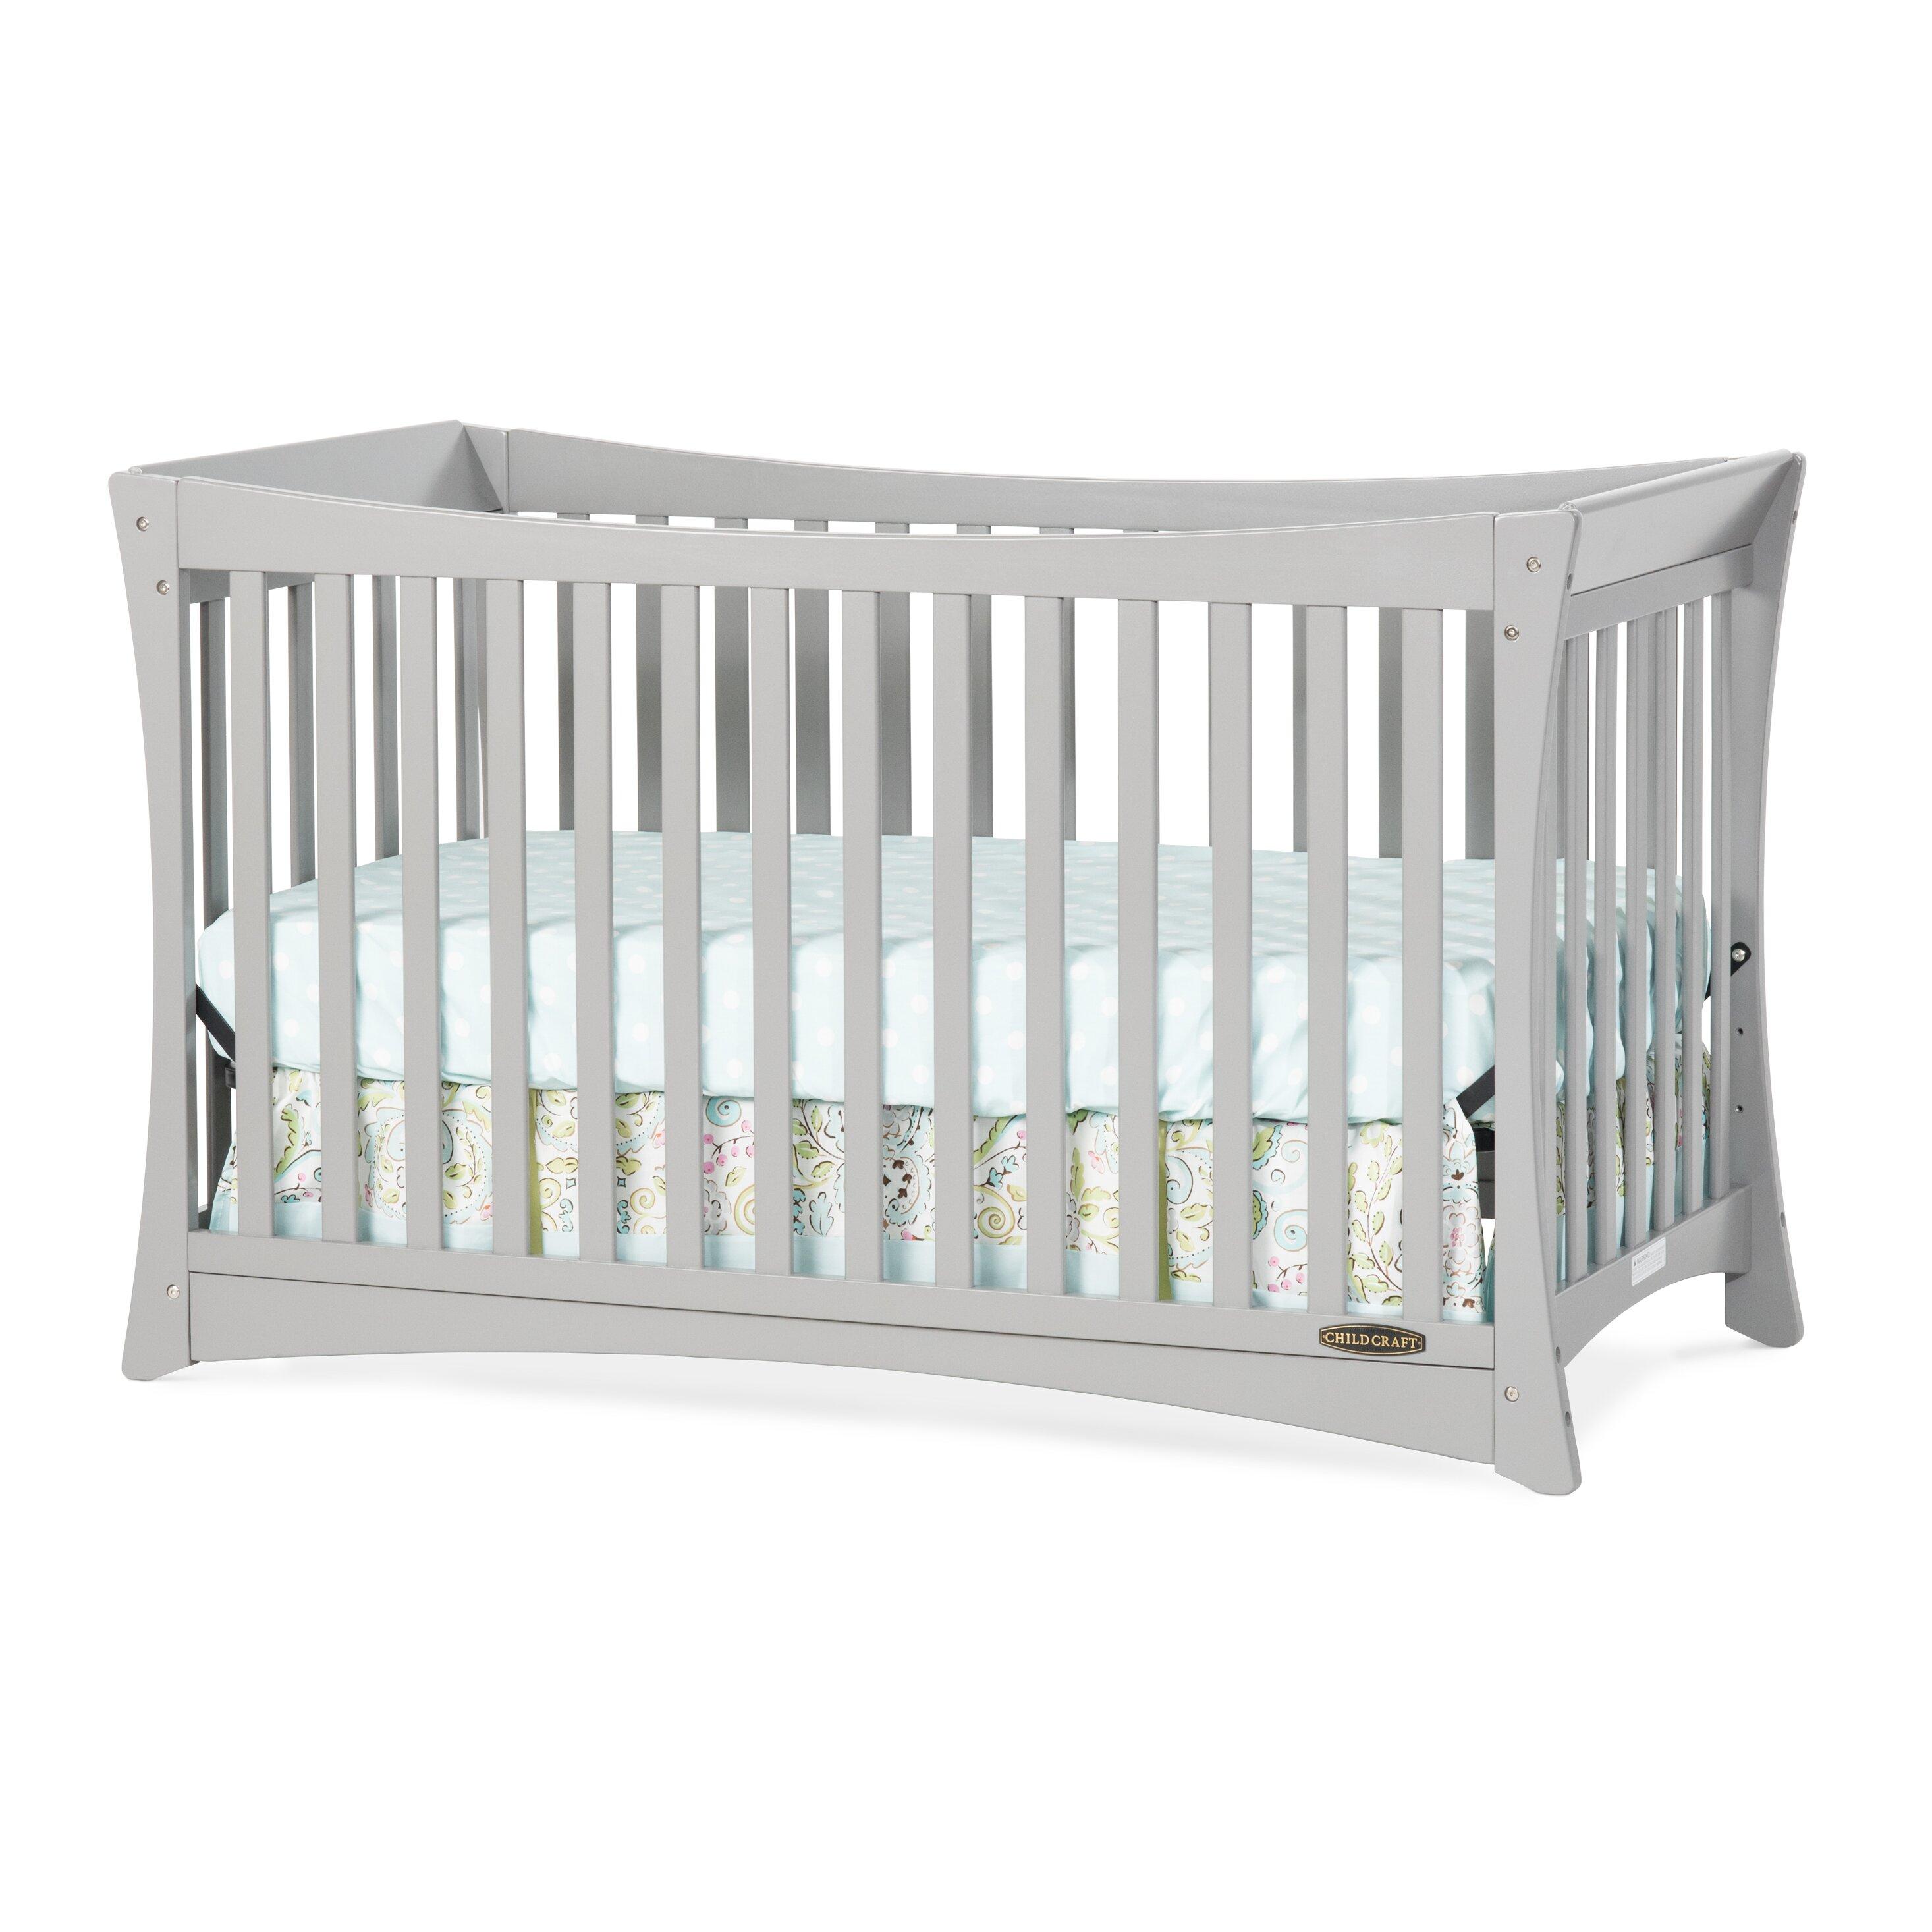 Child craft camden crib - Child Craft Logan Crib Child Craft Logan Convertible Crib Child Craft Camden Crib Legacy Child